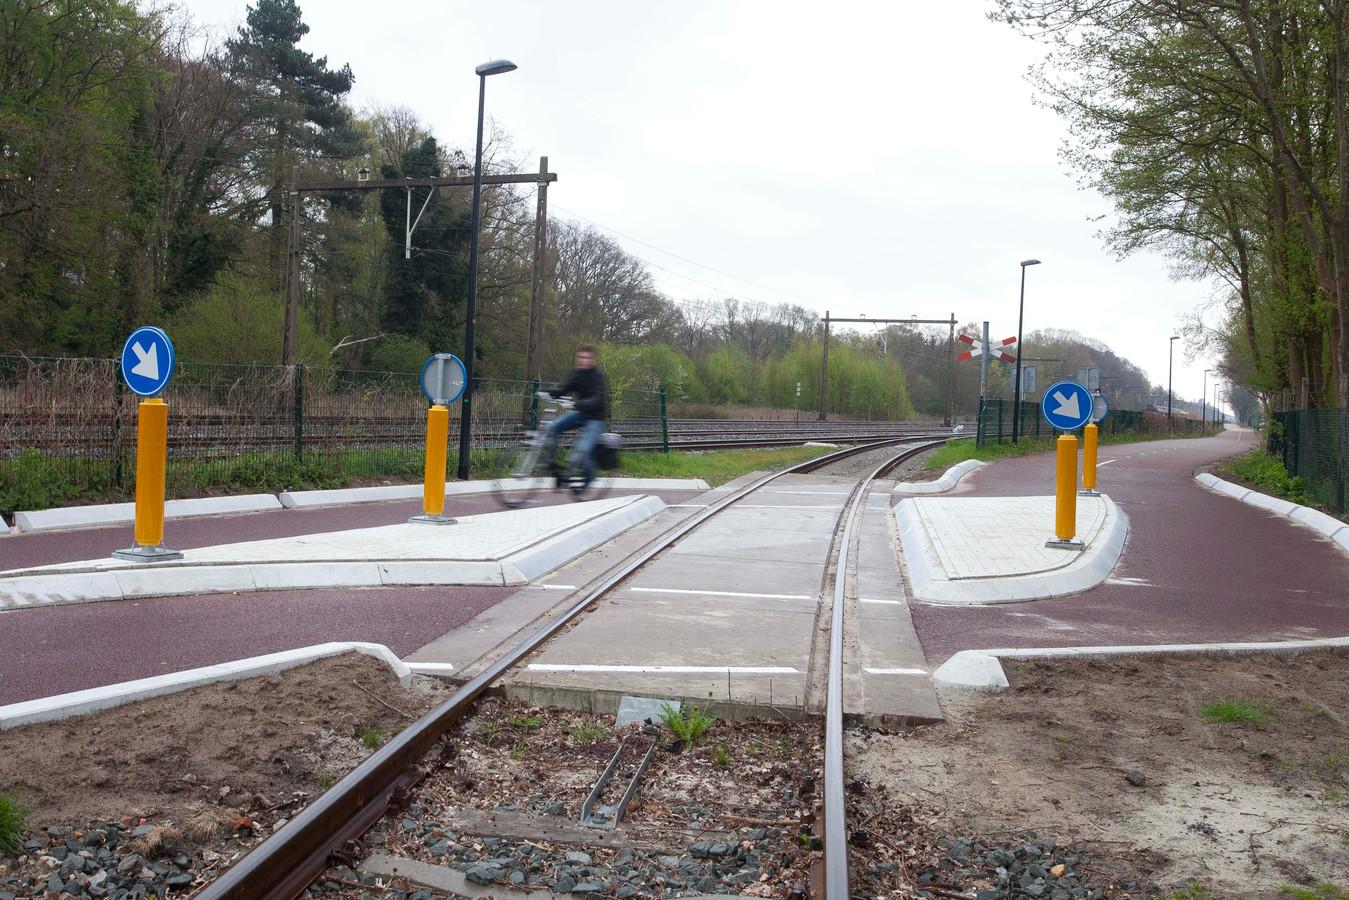 Kruising van fietssnelweg F35 met AKZO-spoorlijntje. FOTO: Mark Troost